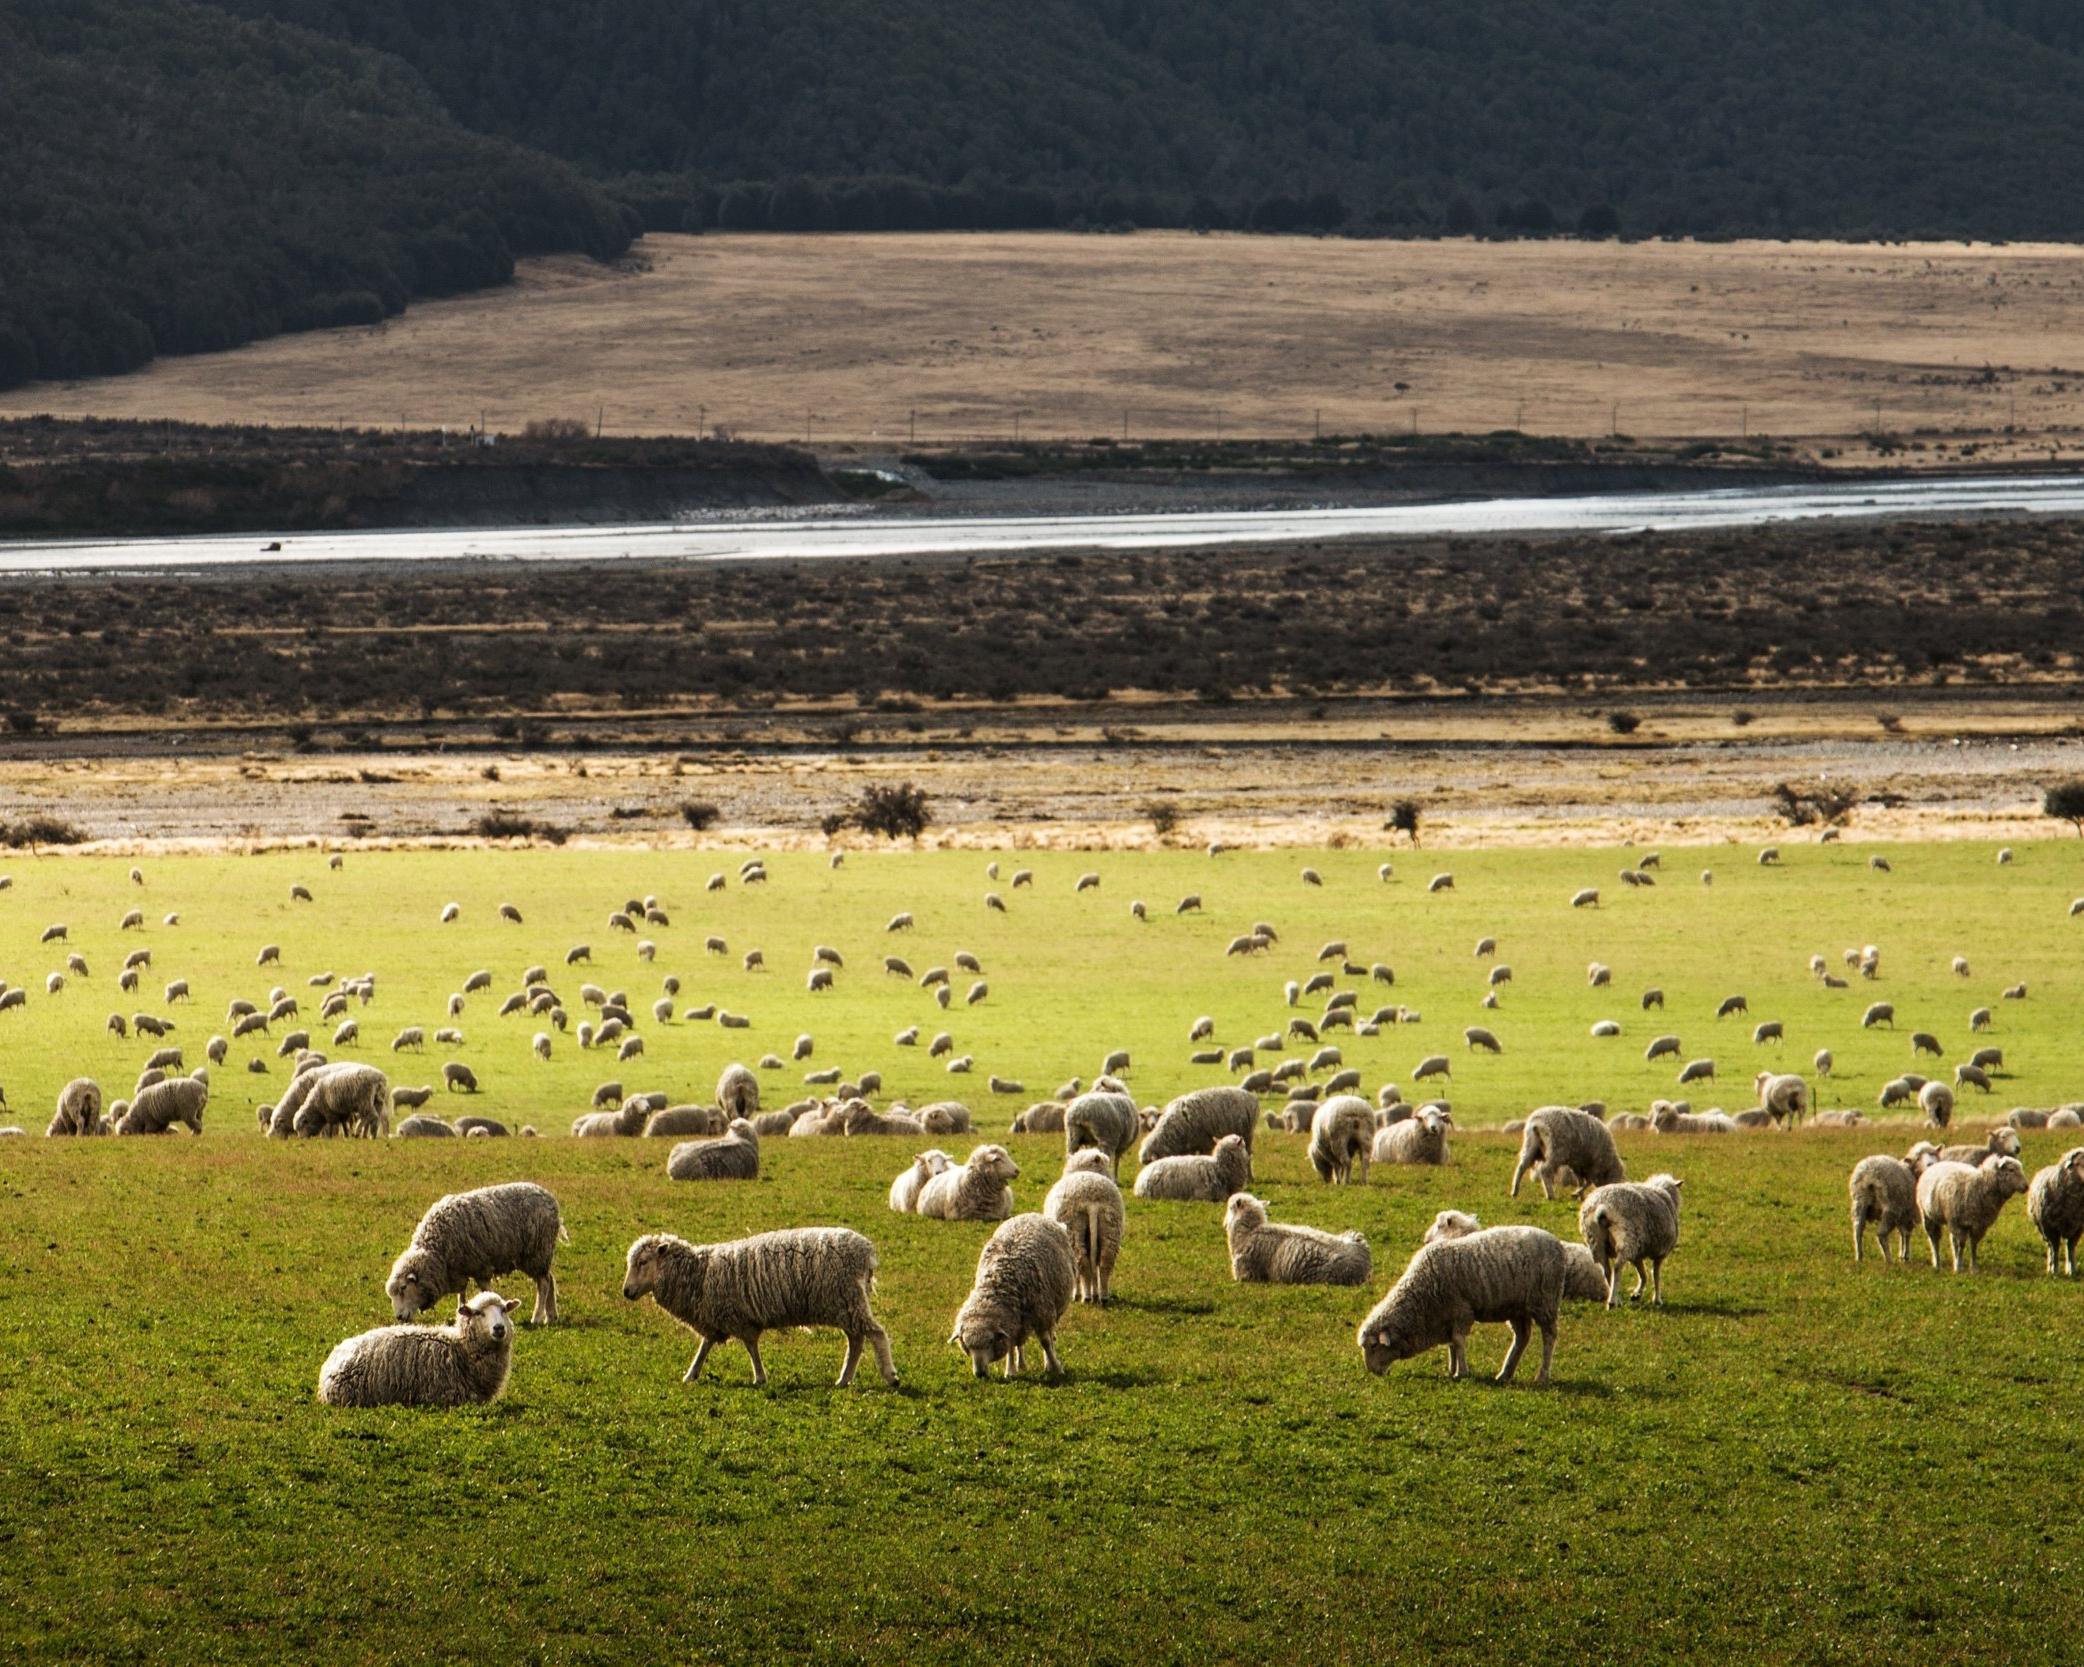 Taziki's Family Farms